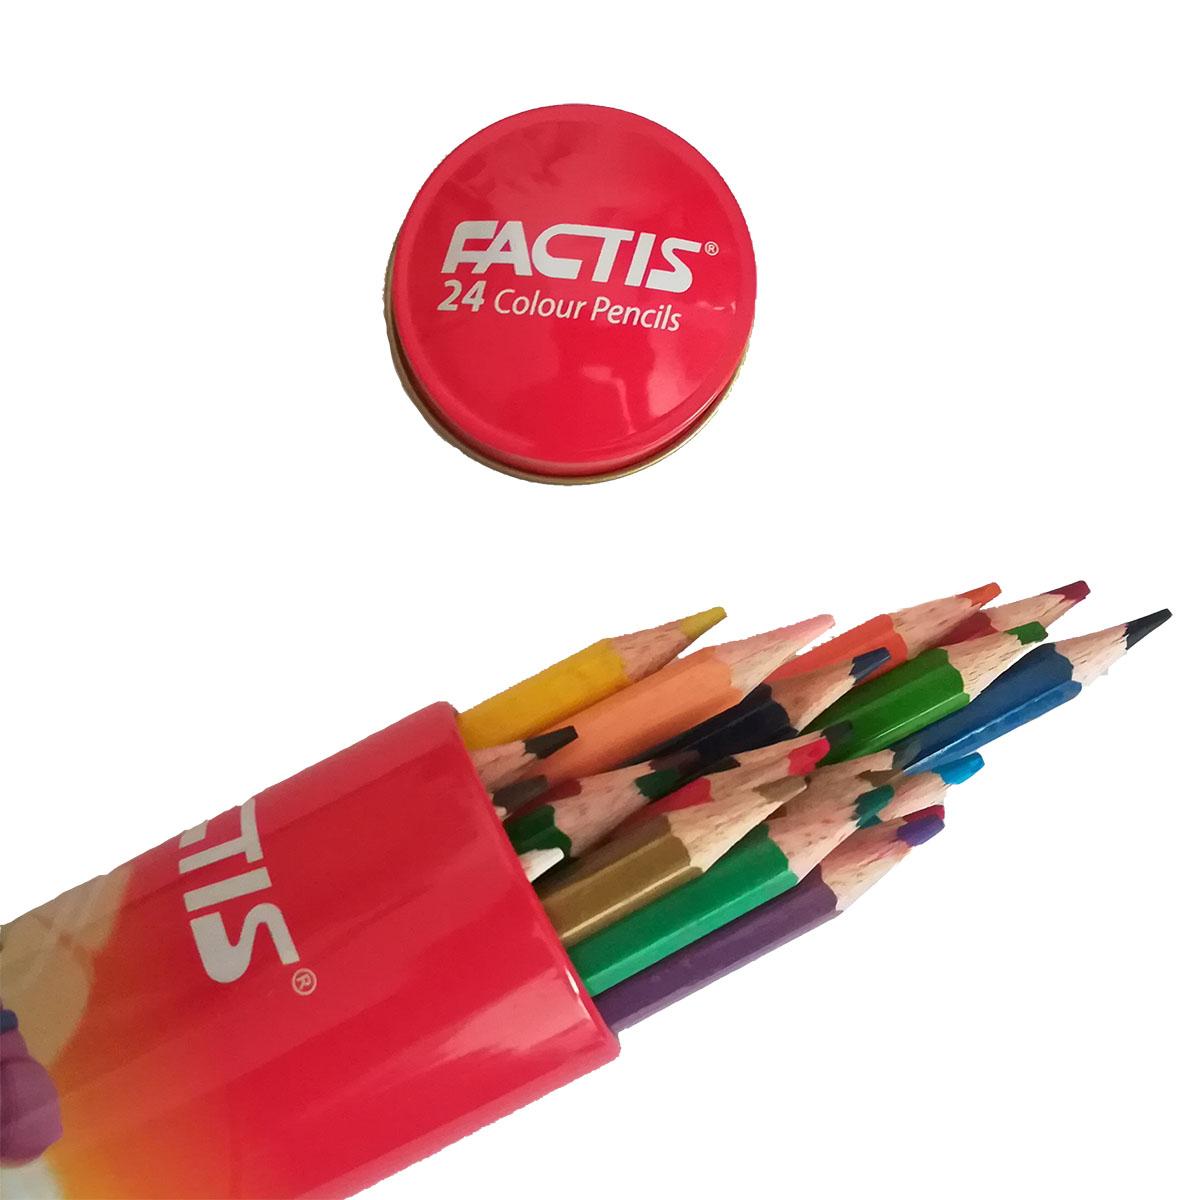 مداد رنگی 24 رنگ فکتیس مدل استوانه ای main 1 1